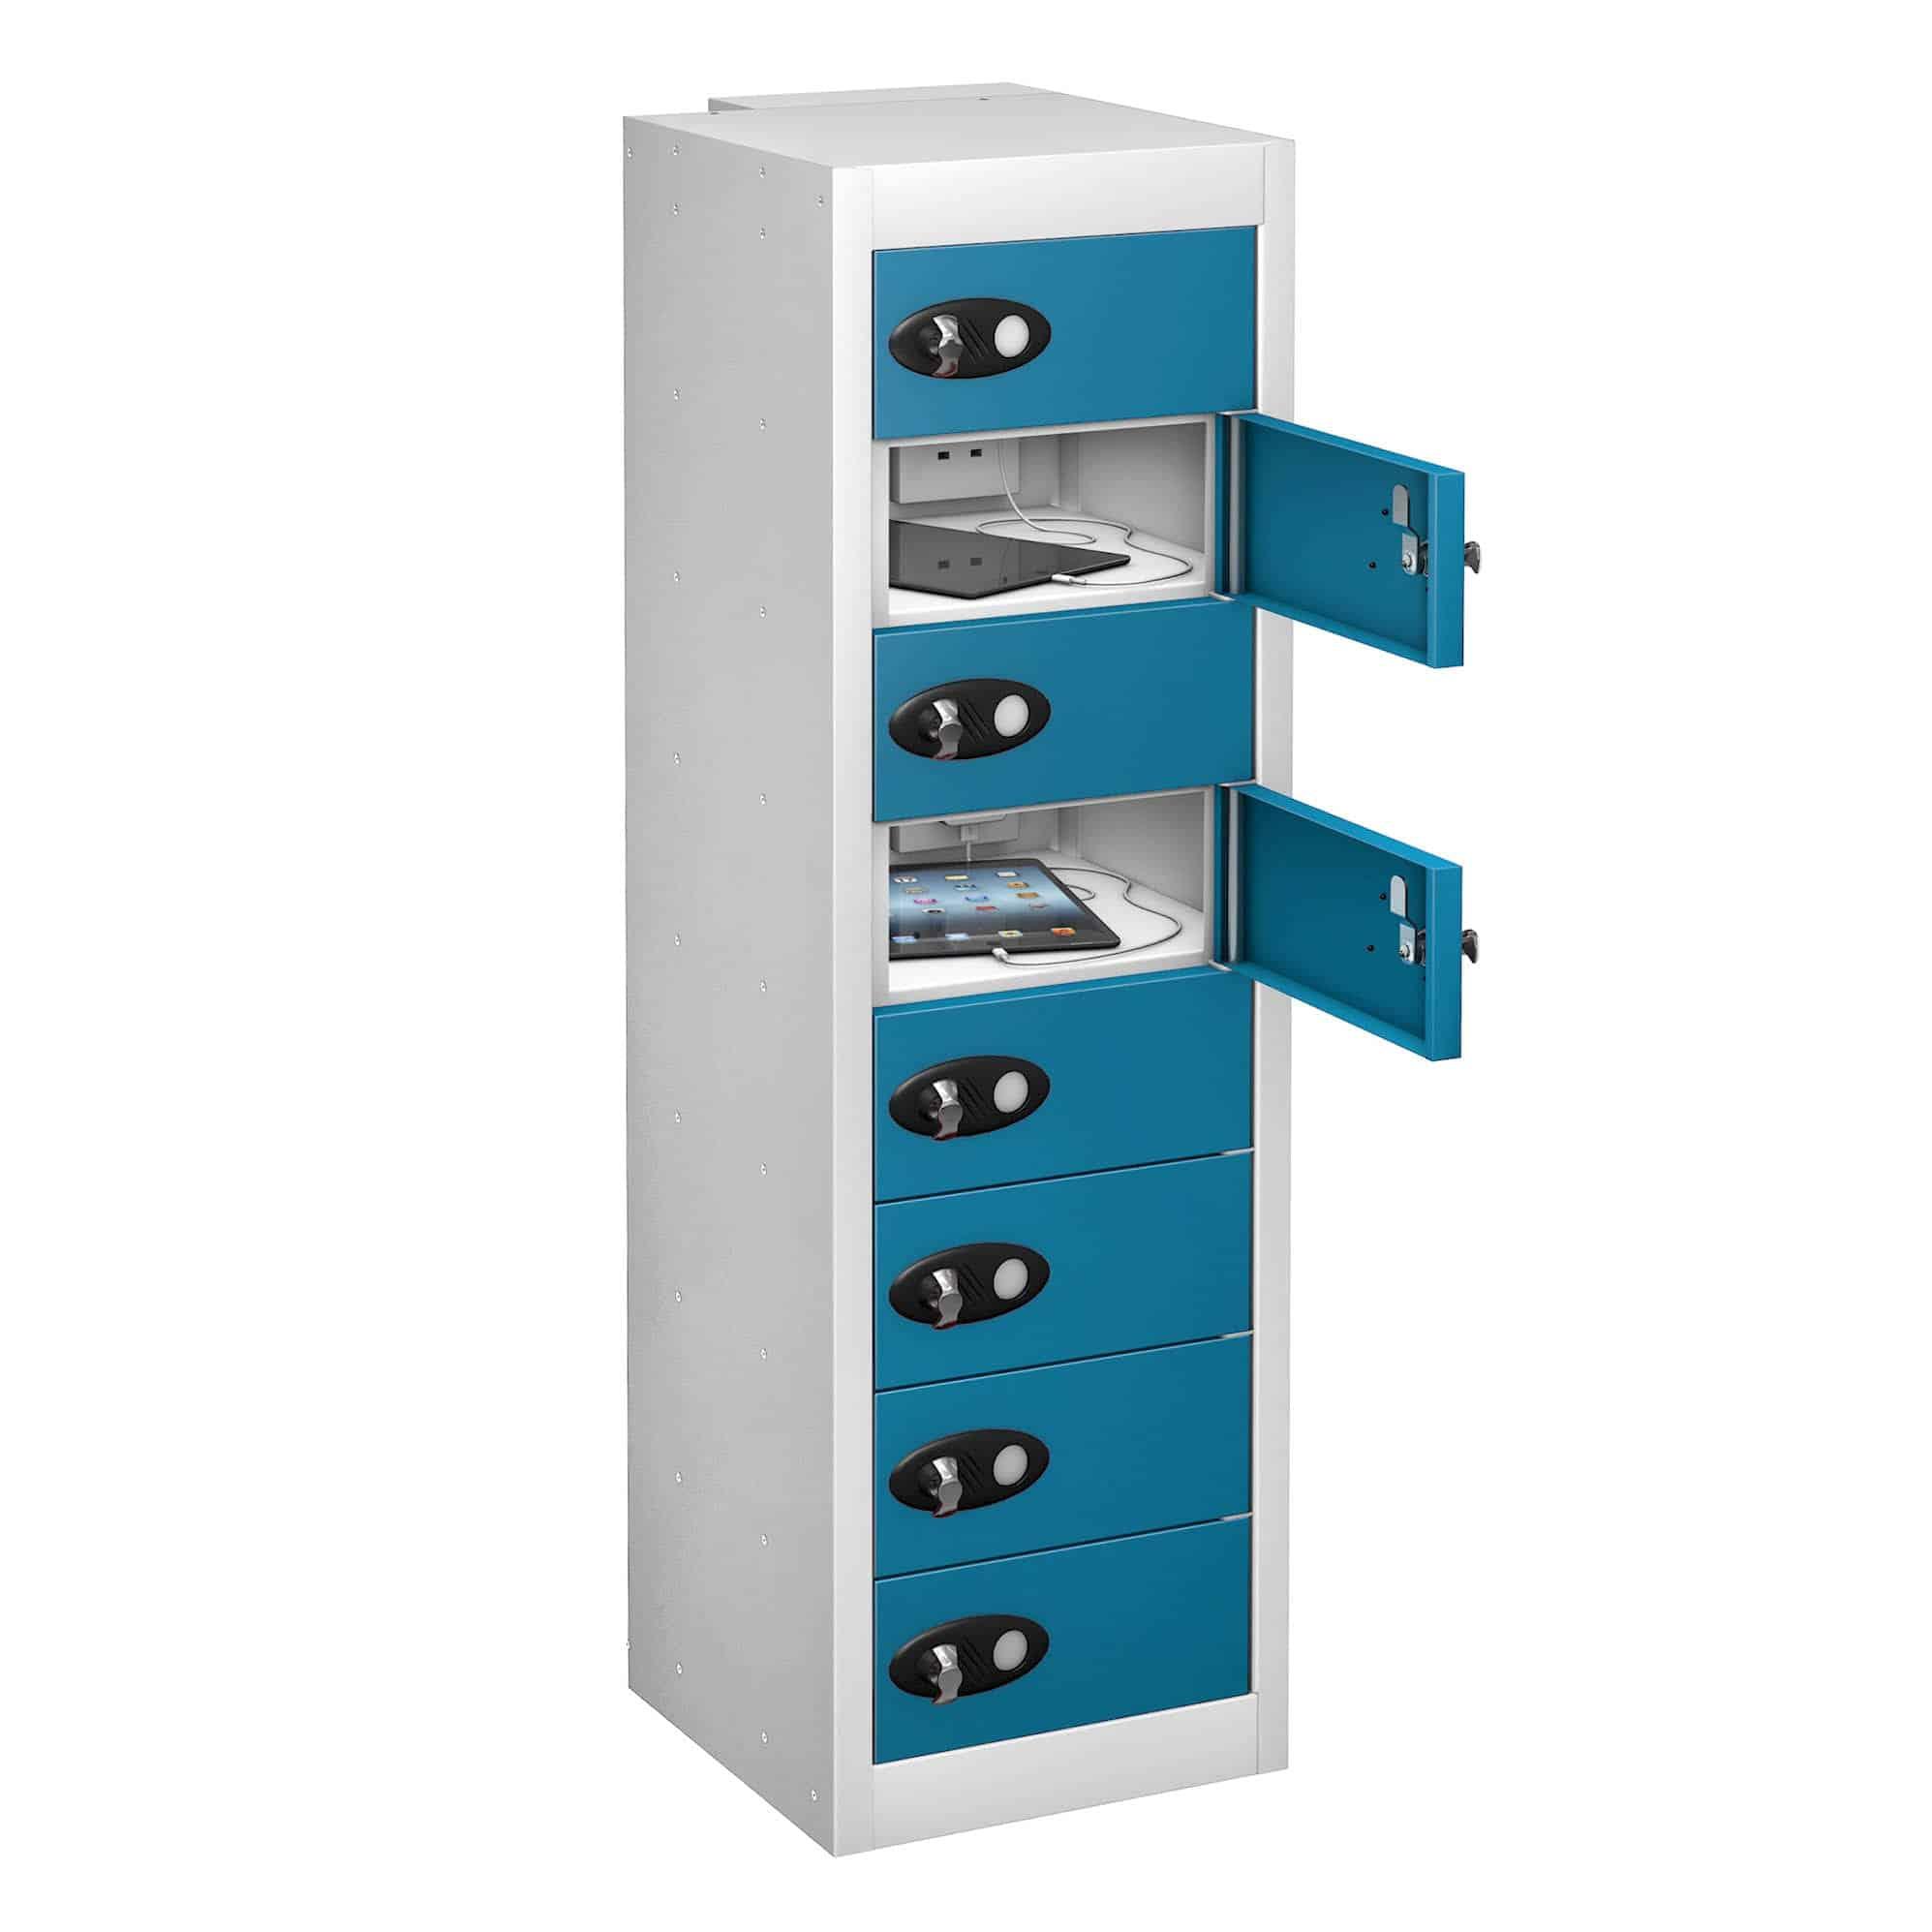 TABbox 8 Door Charging Lockers